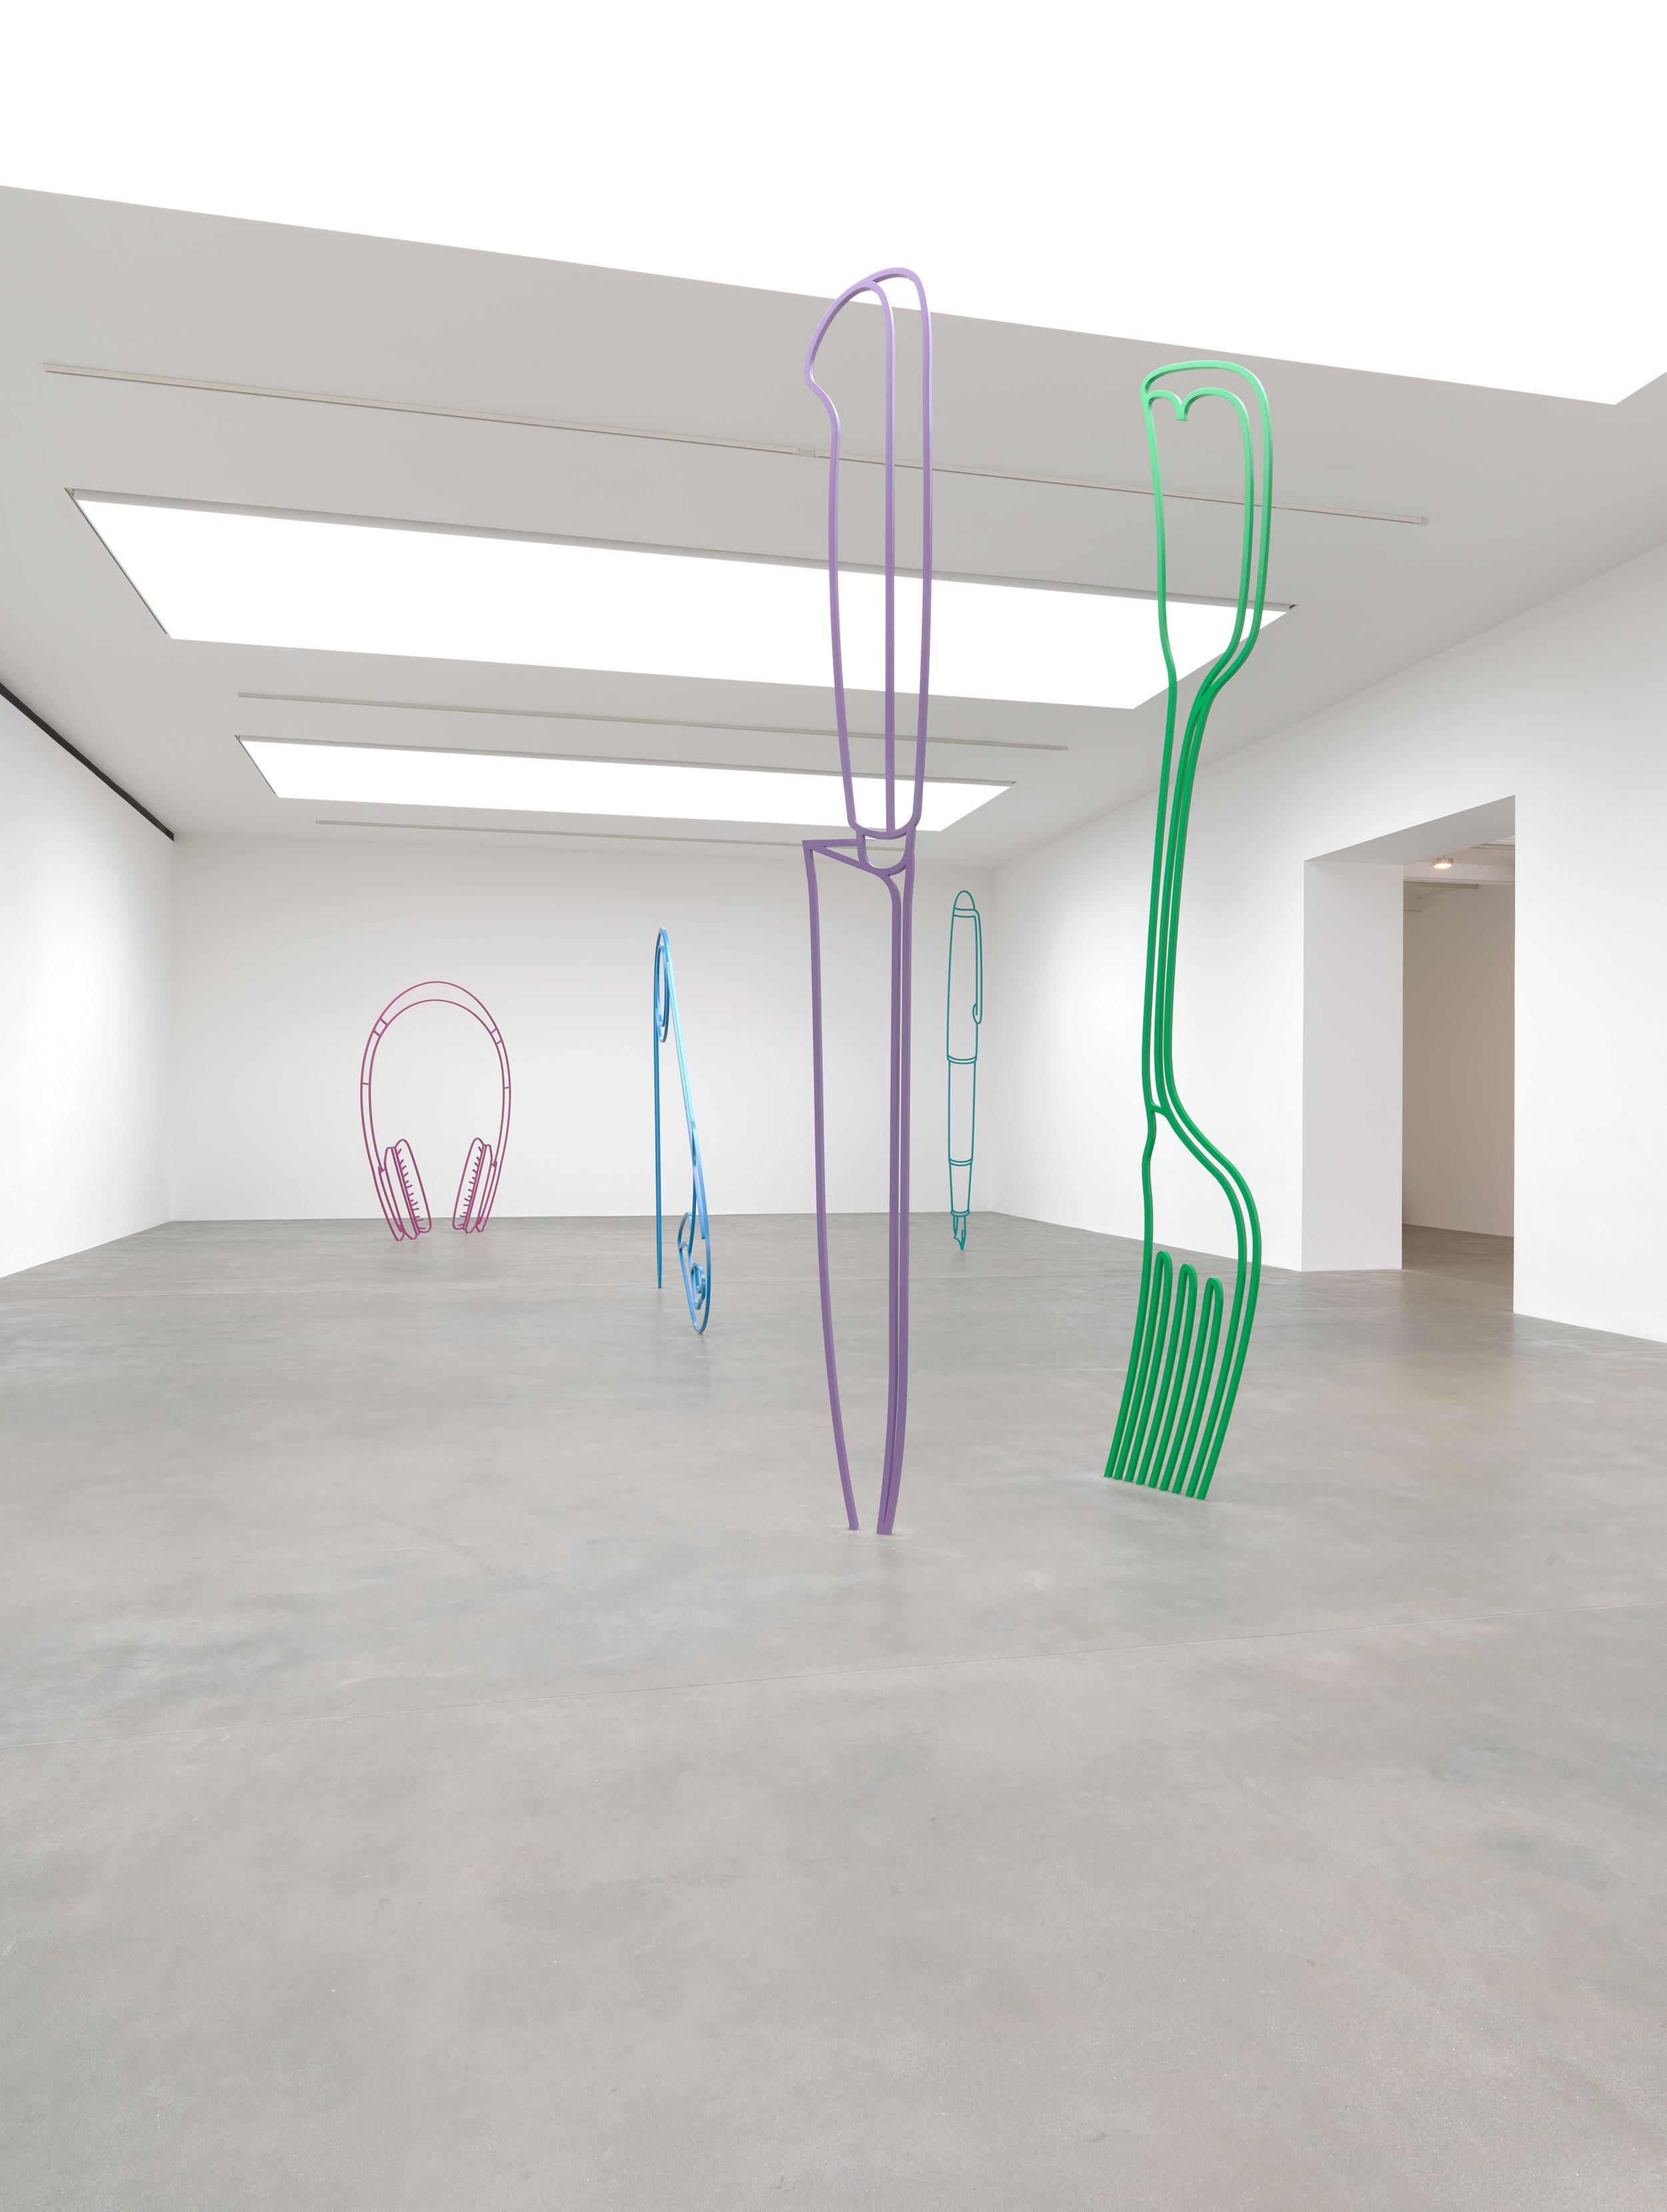 CRAIG-2019-Sculpture-Installation-view-L.jpg